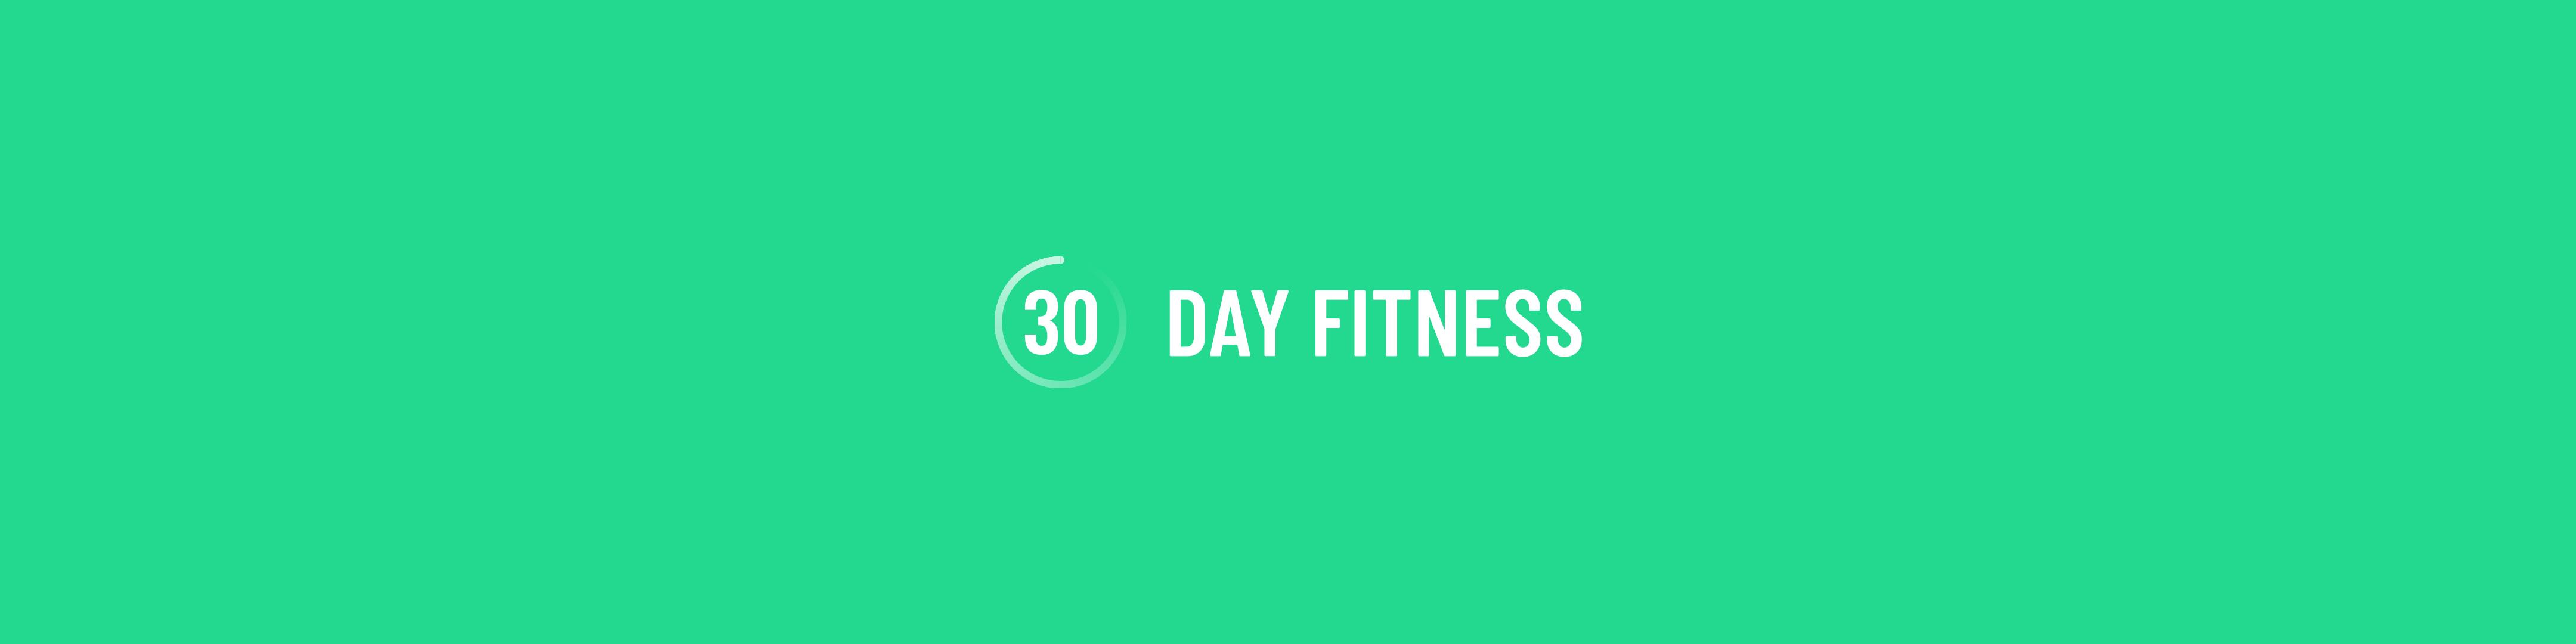 download di app guida alla perdita di peso efficace